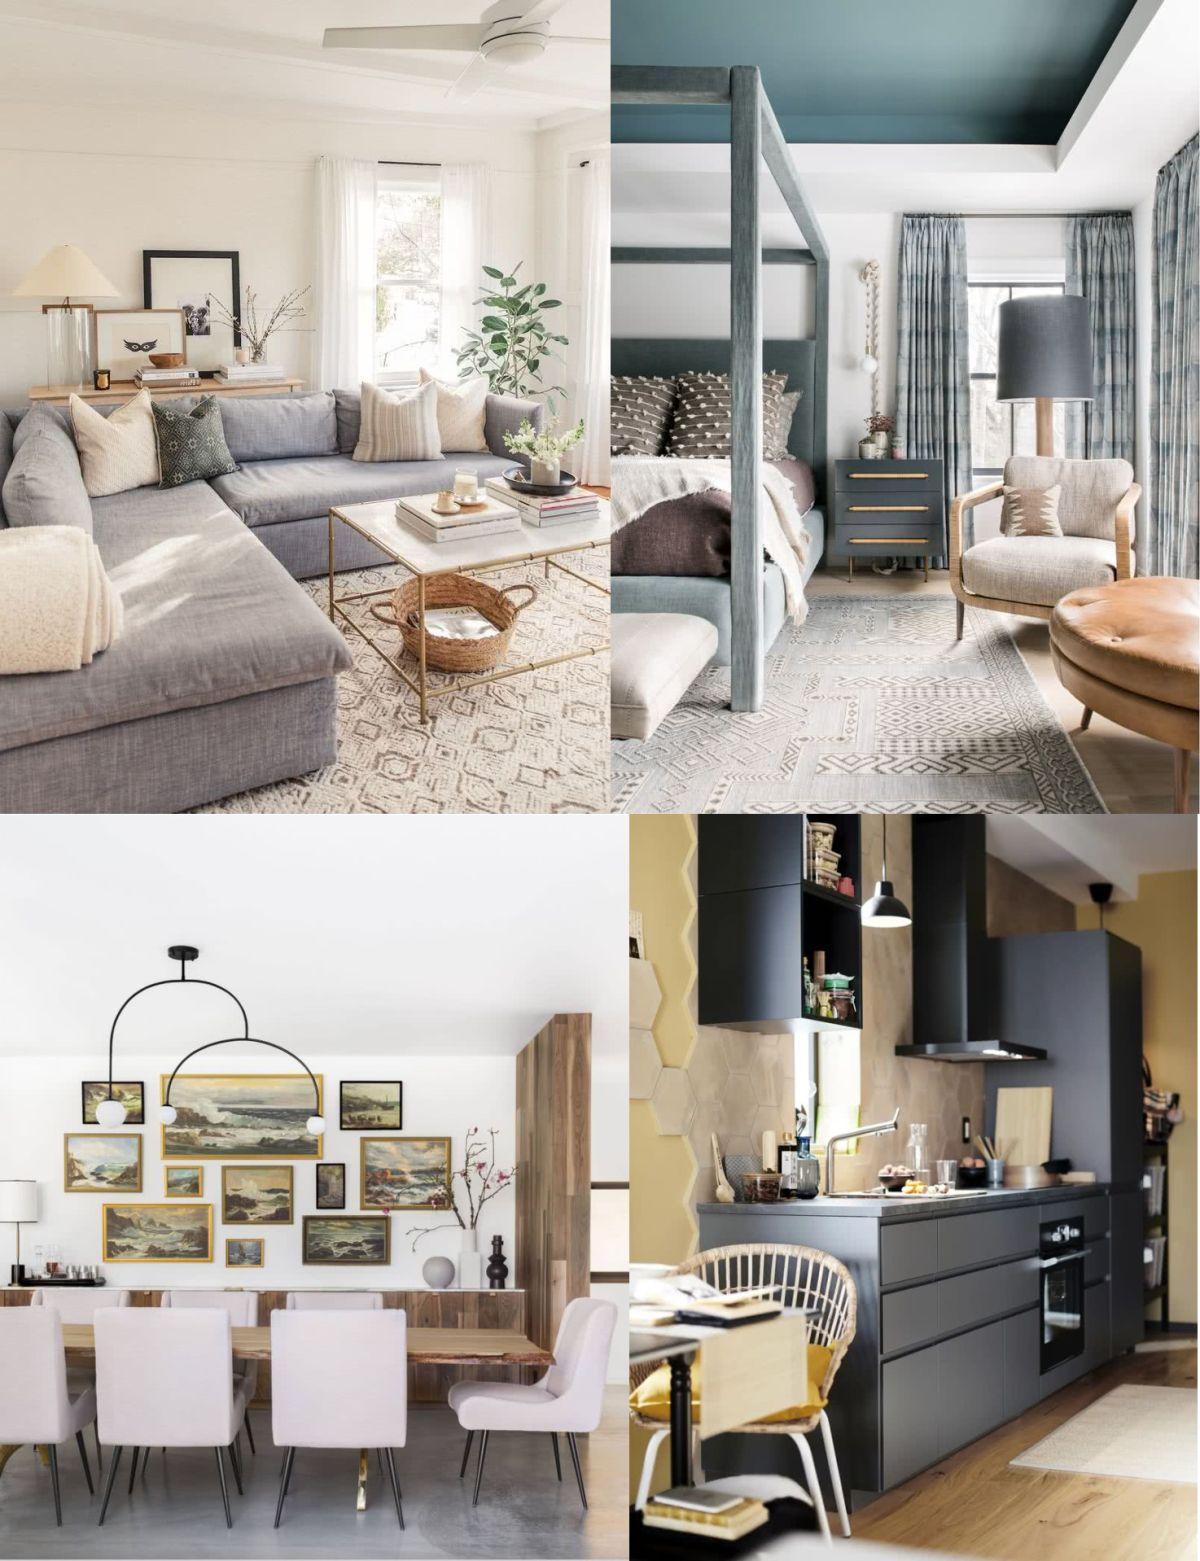 tendencias decoracion 2021 - Mobydec Muebles | Venta de muebles en línea salas, sillones, mesas